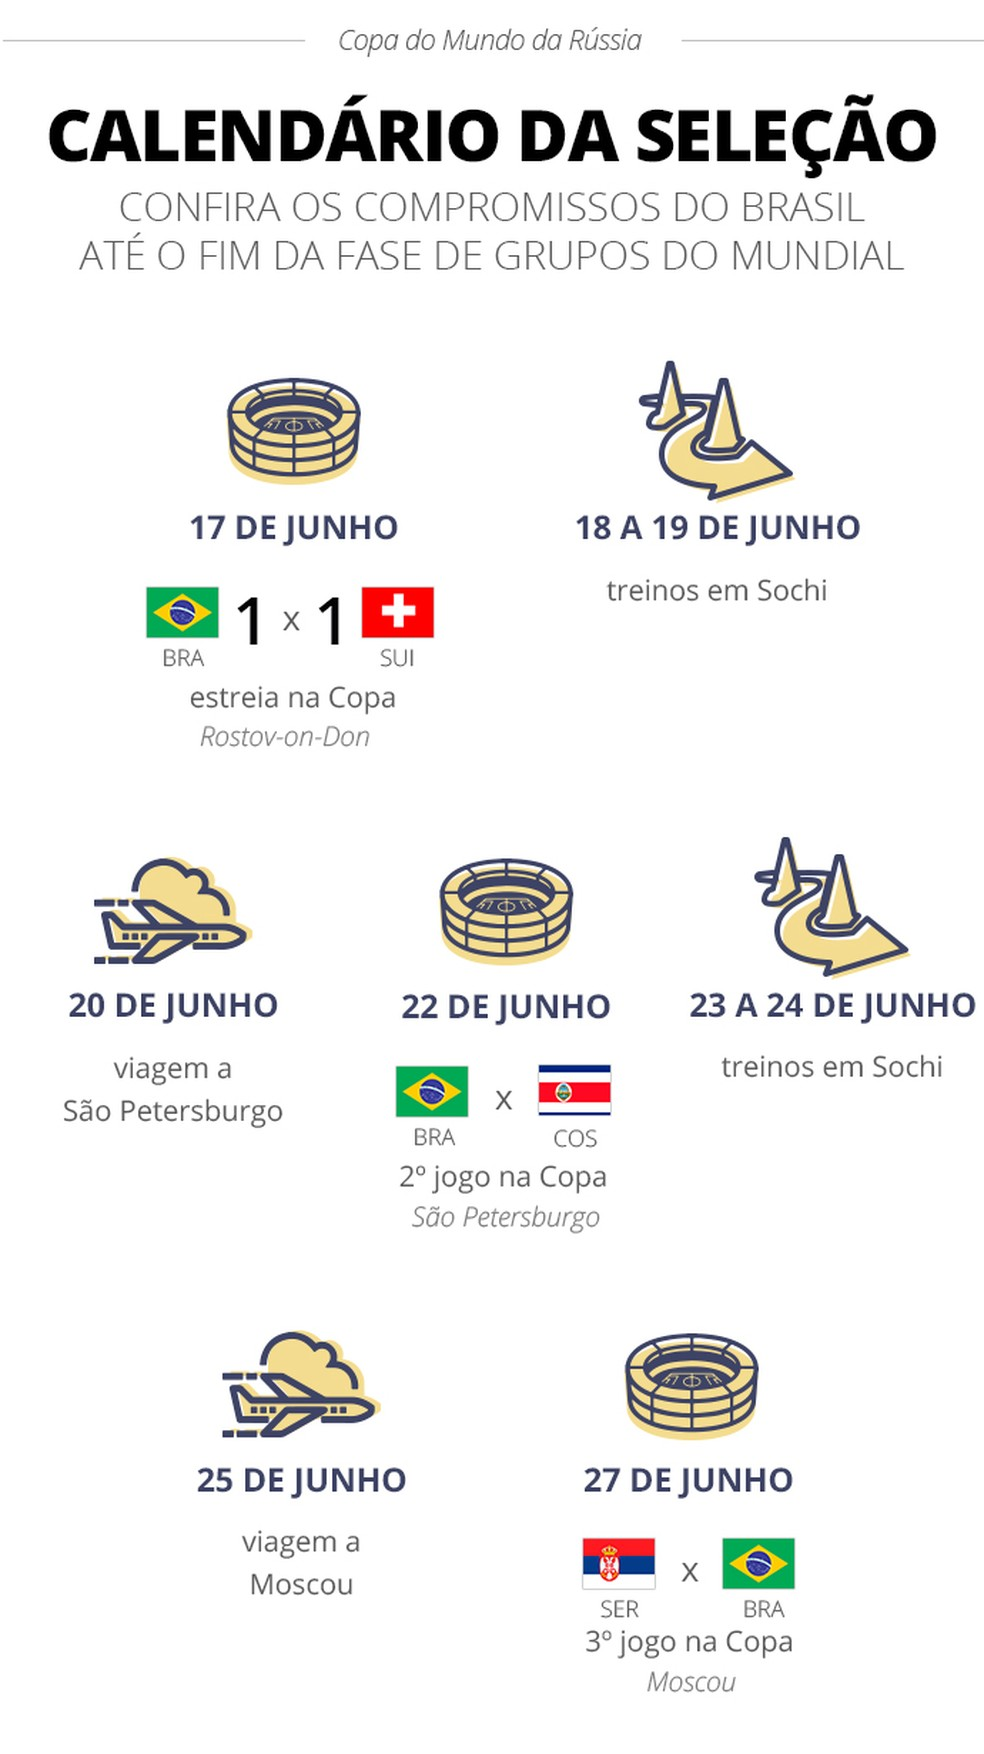 Calendário da Seleção na Rússia (Foto: Infoesporte)